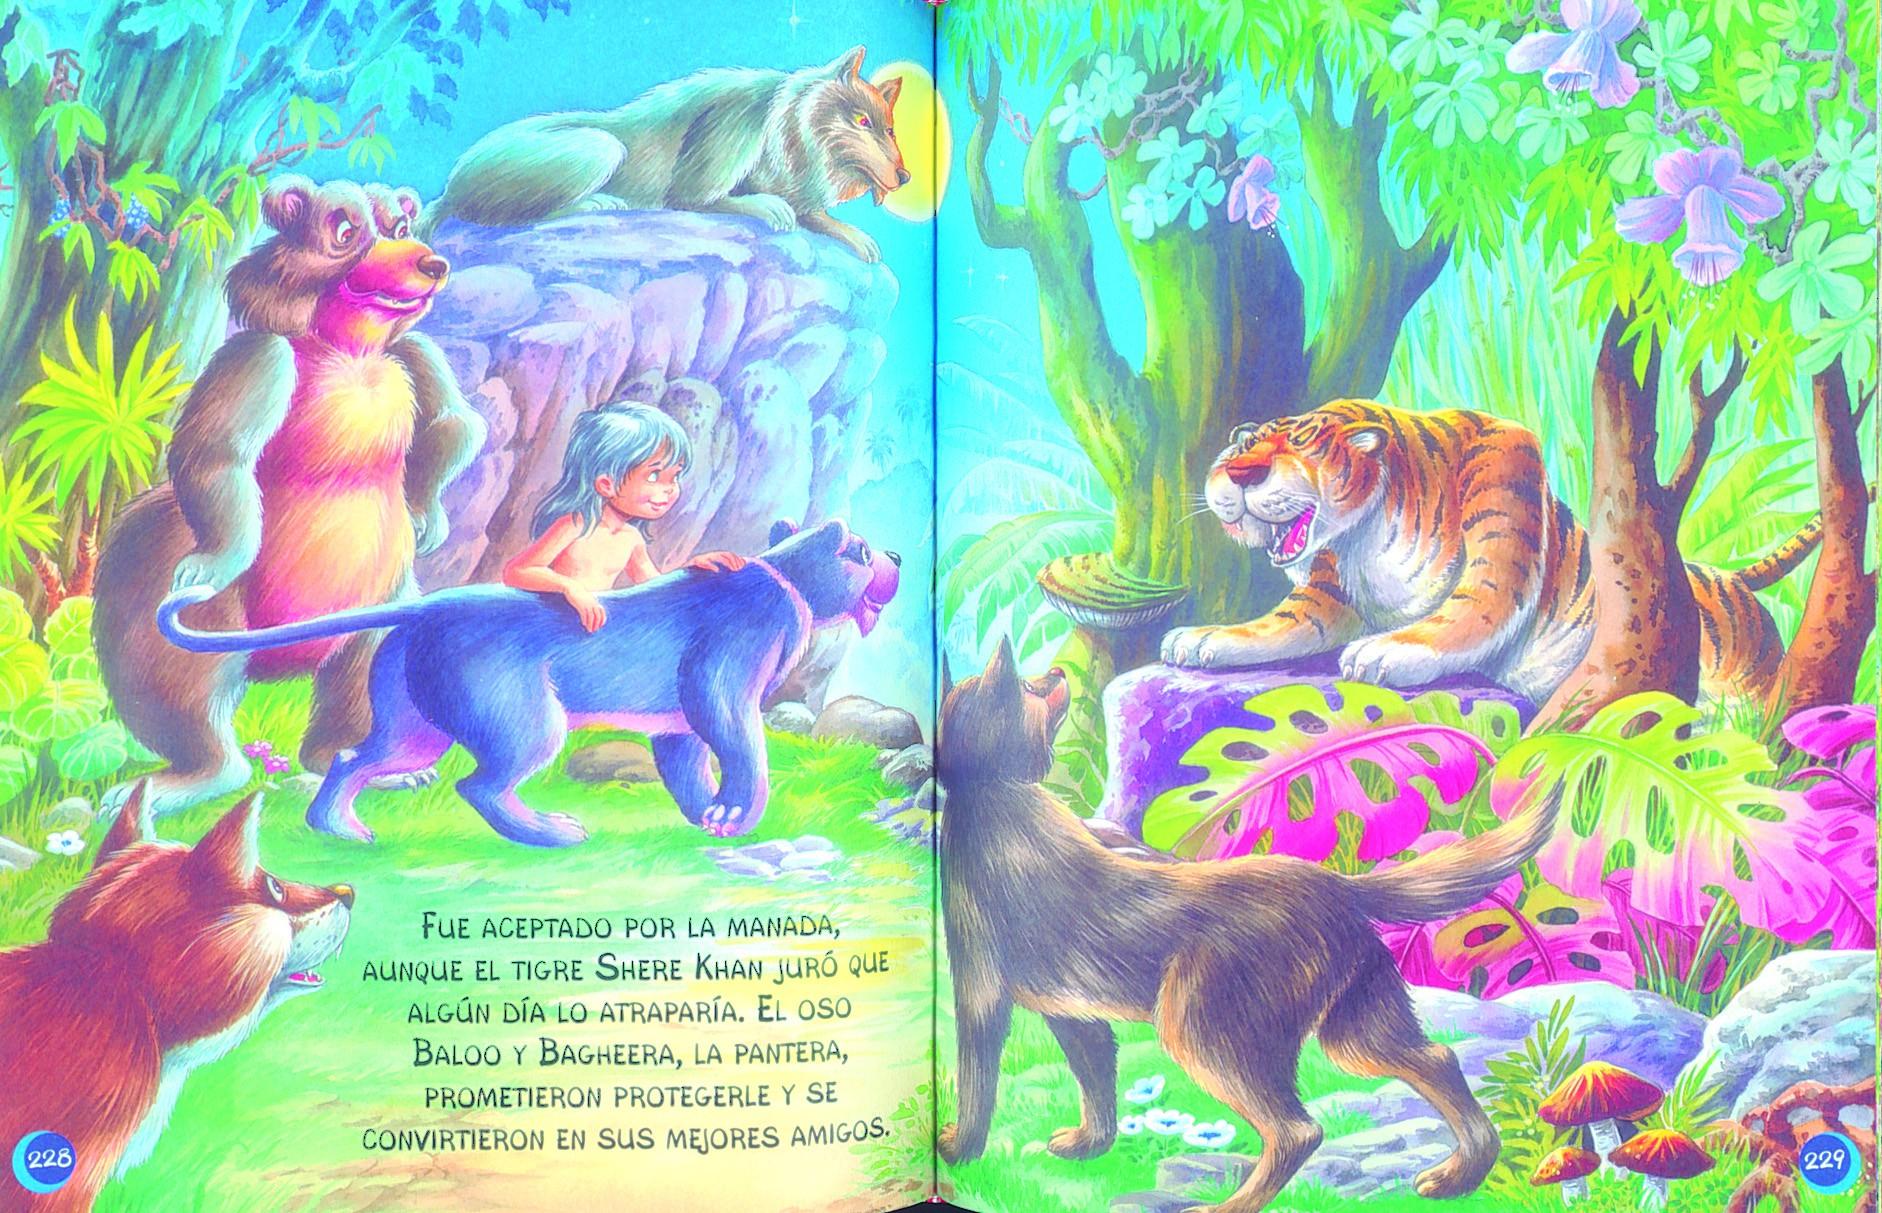 25 cuentos clásicos | Editorial Susaeta - Venta de libros